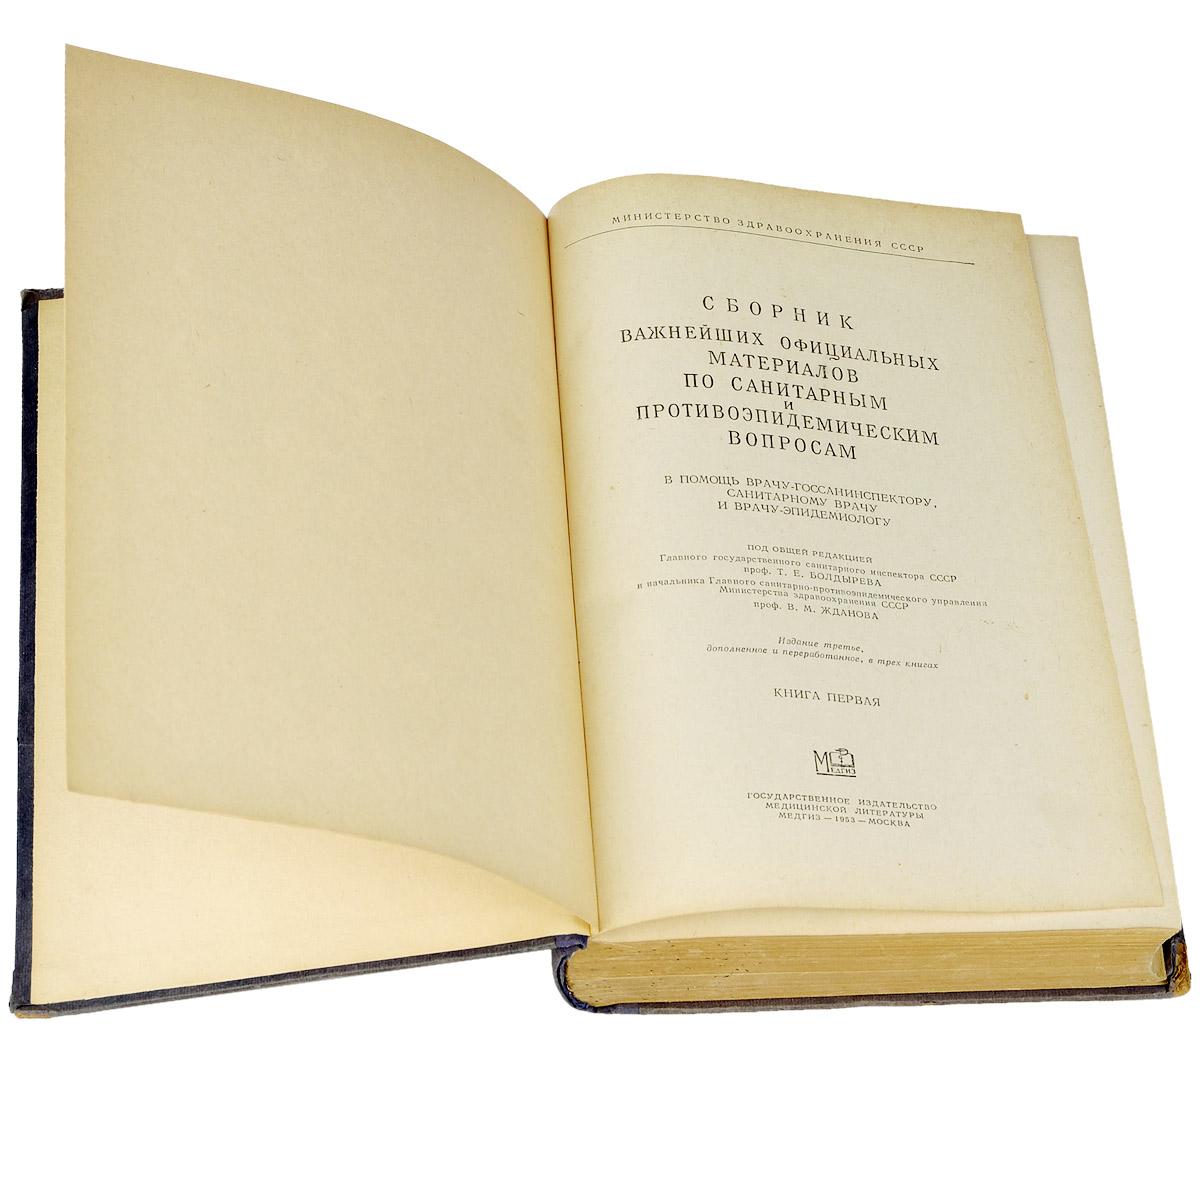 Сборник важнейших официальных материалов по санитарным и противоэпидемическим вопросам. В 3 книгах. Книга 1